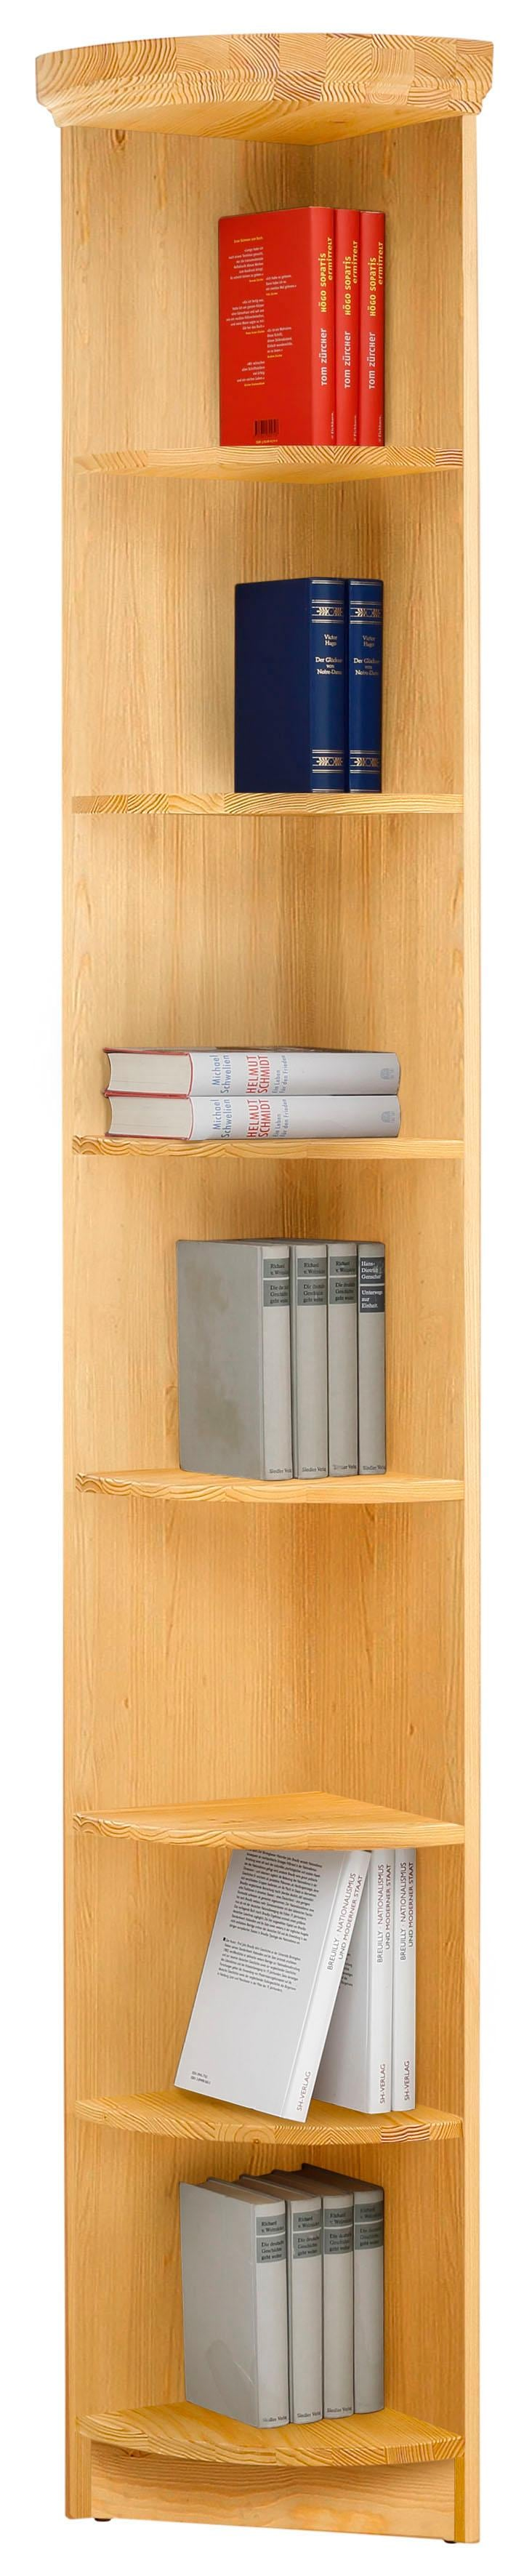 Image of Abschlussregal, »Serie Soeren«, Höhe 220 cm, Tiefe 33 cm